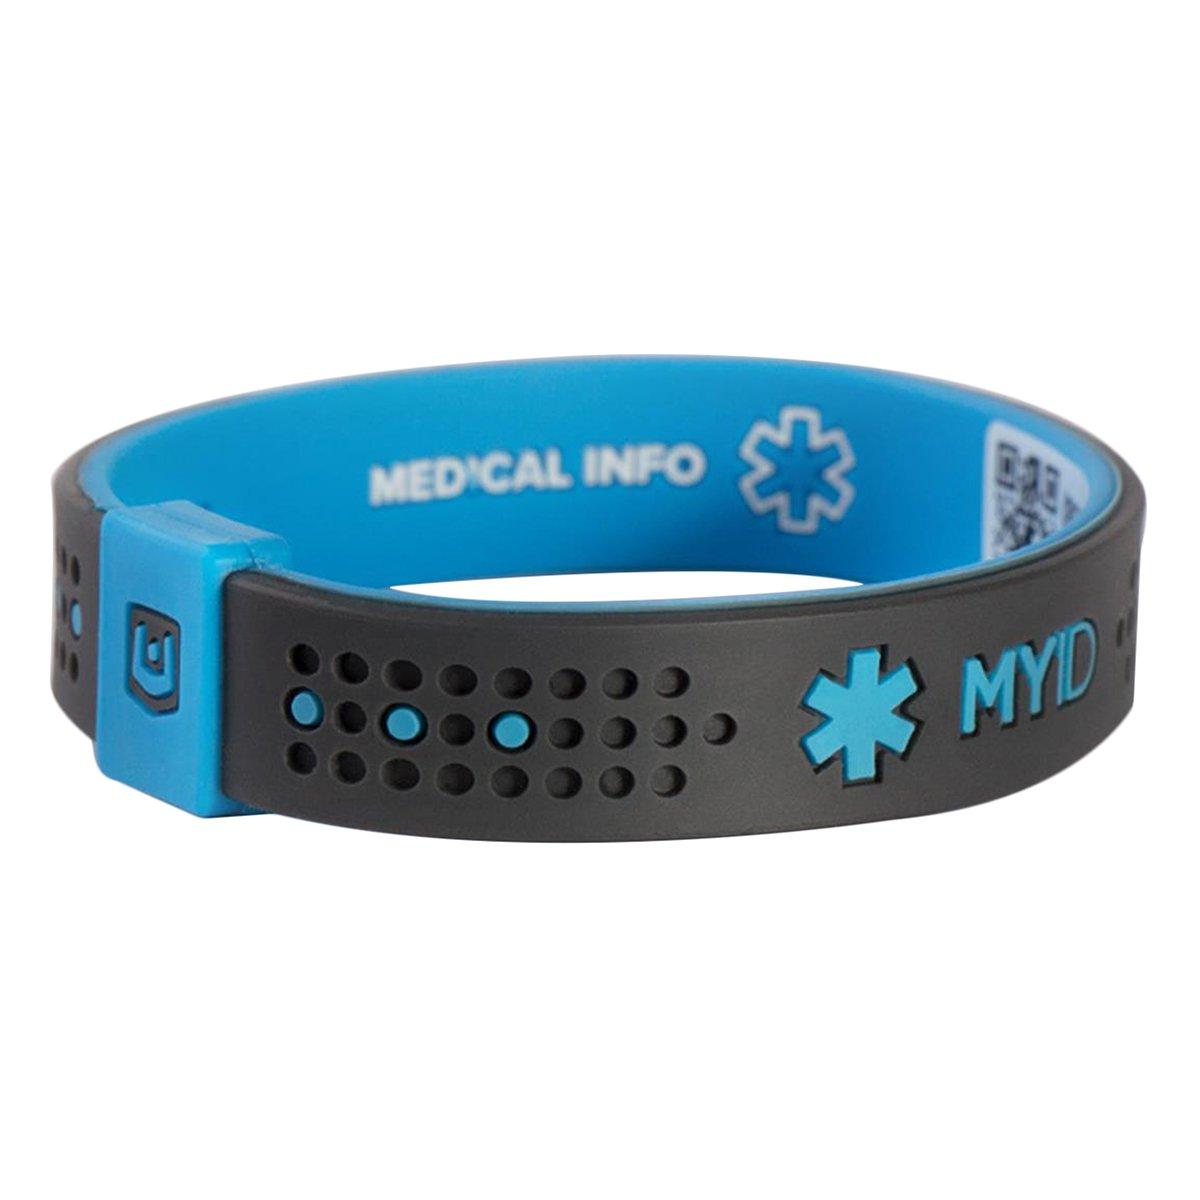 ENDEVR MYiDスポーツ医療IDブレスレット、オンラインプロファイル、医療情報システム B00ISCTQ8E